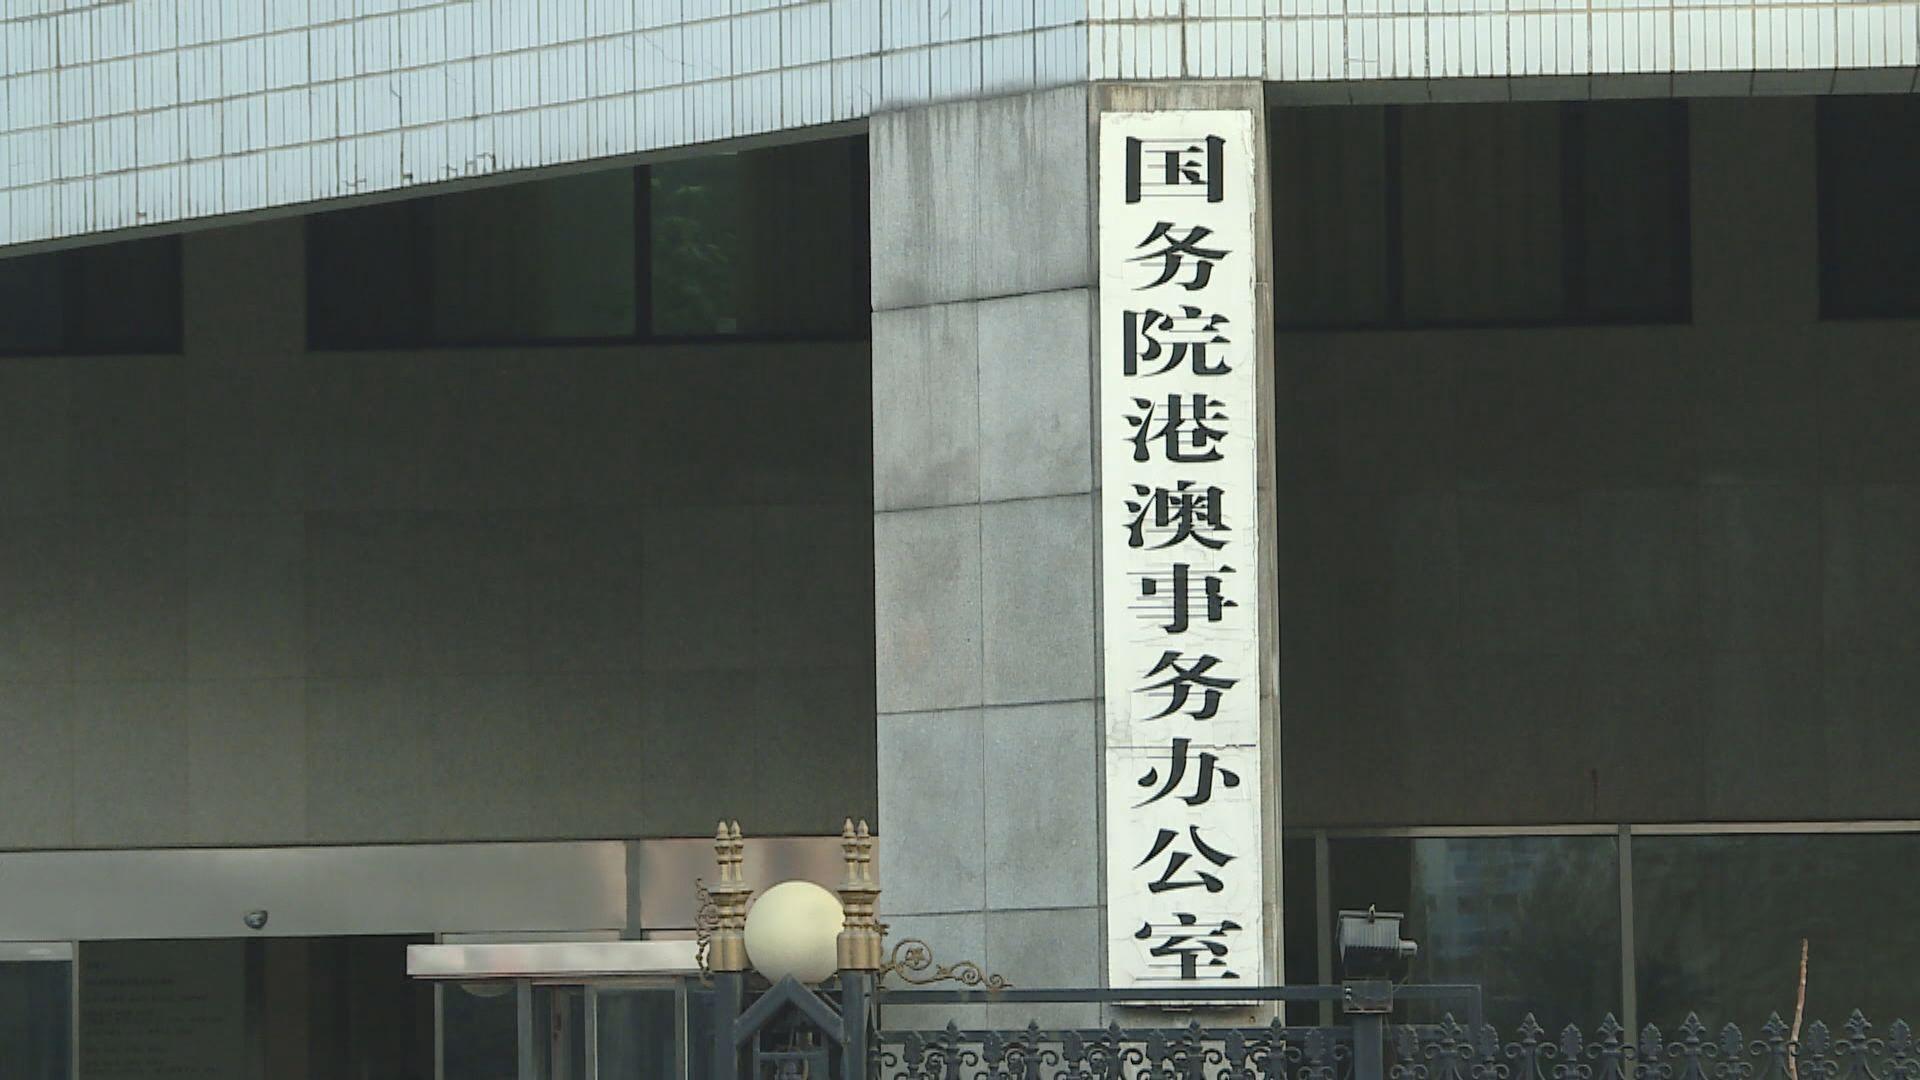 港澳辦連發三回應 重申中央有權有責維護香港憲制秩序